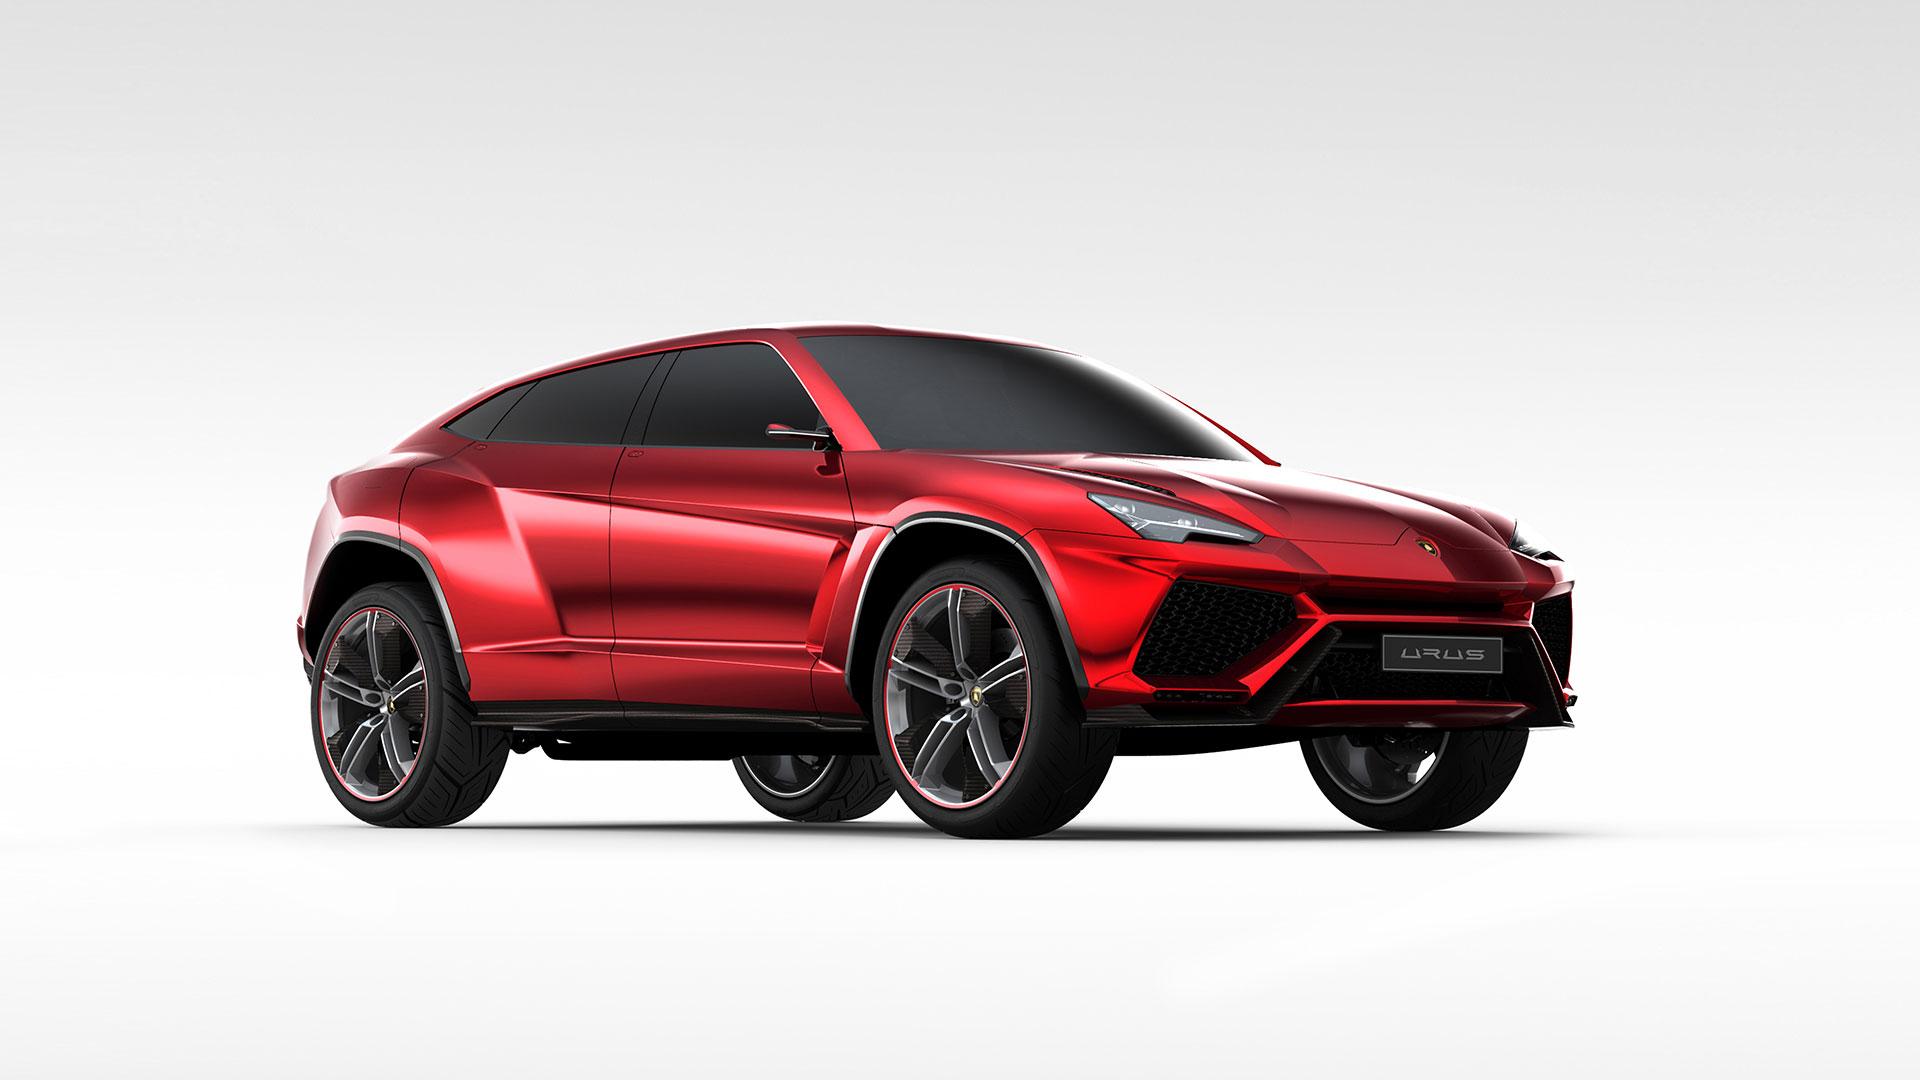 Lamborghini Urus-ด้านหน้า